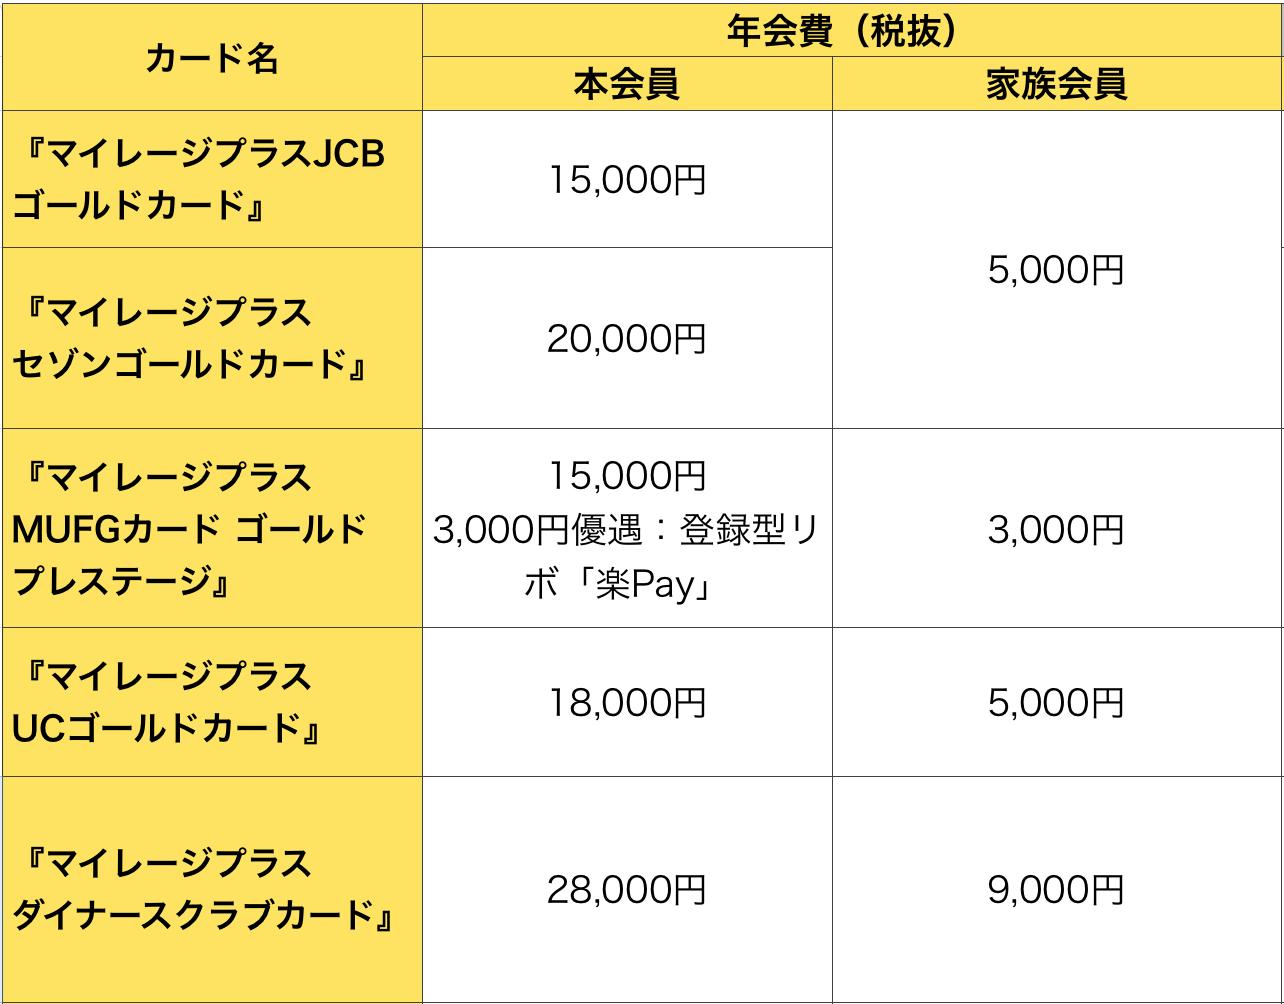 マイレージプラスゴールドカードの年会費比較(2019年7月3日版)